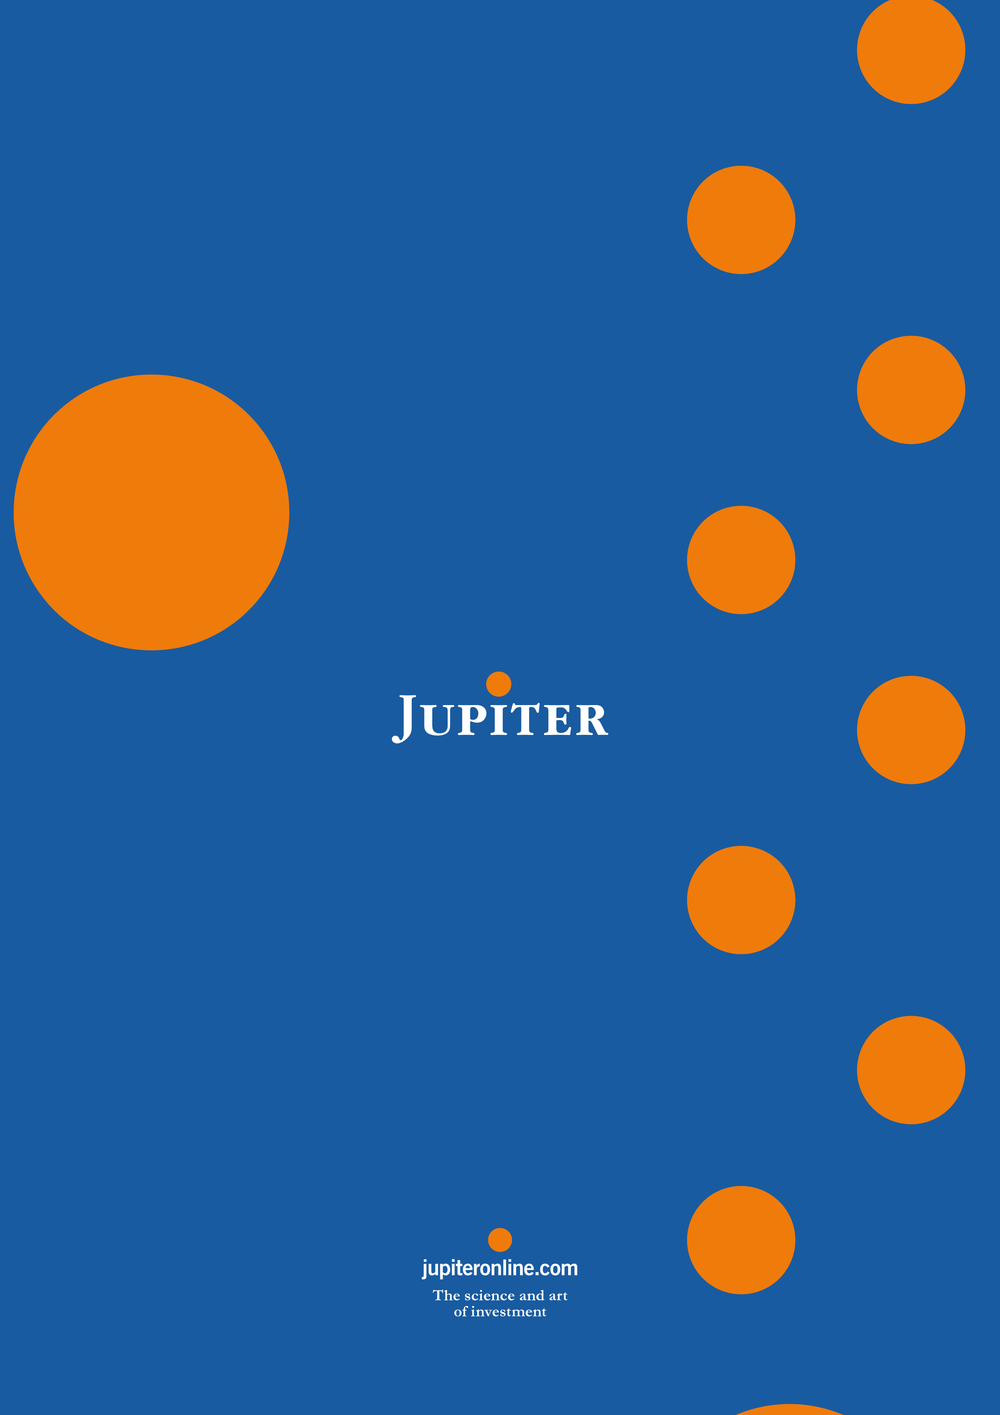 DIRK VAN DOOREN_Jupiter Asset Management- Rebrand Overview v2-08.pngx.png